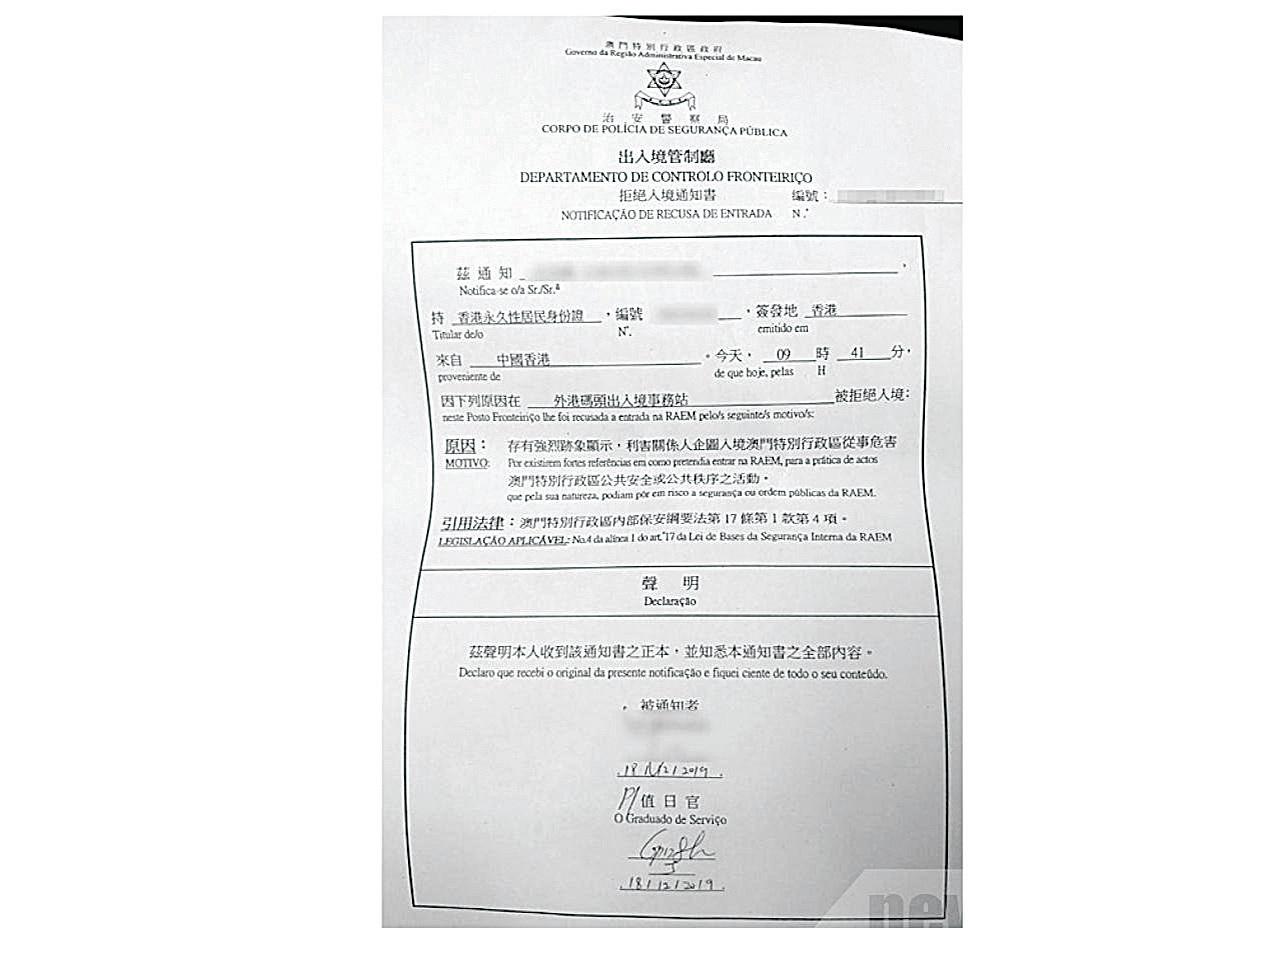 習近平訪問前,澳門當局以「企圖到當地從事危害公共安全秩序的活動」為由,拒絕多家香港媒體記者入境。 (圖為RTHK記者拍攝書面被拒通知)